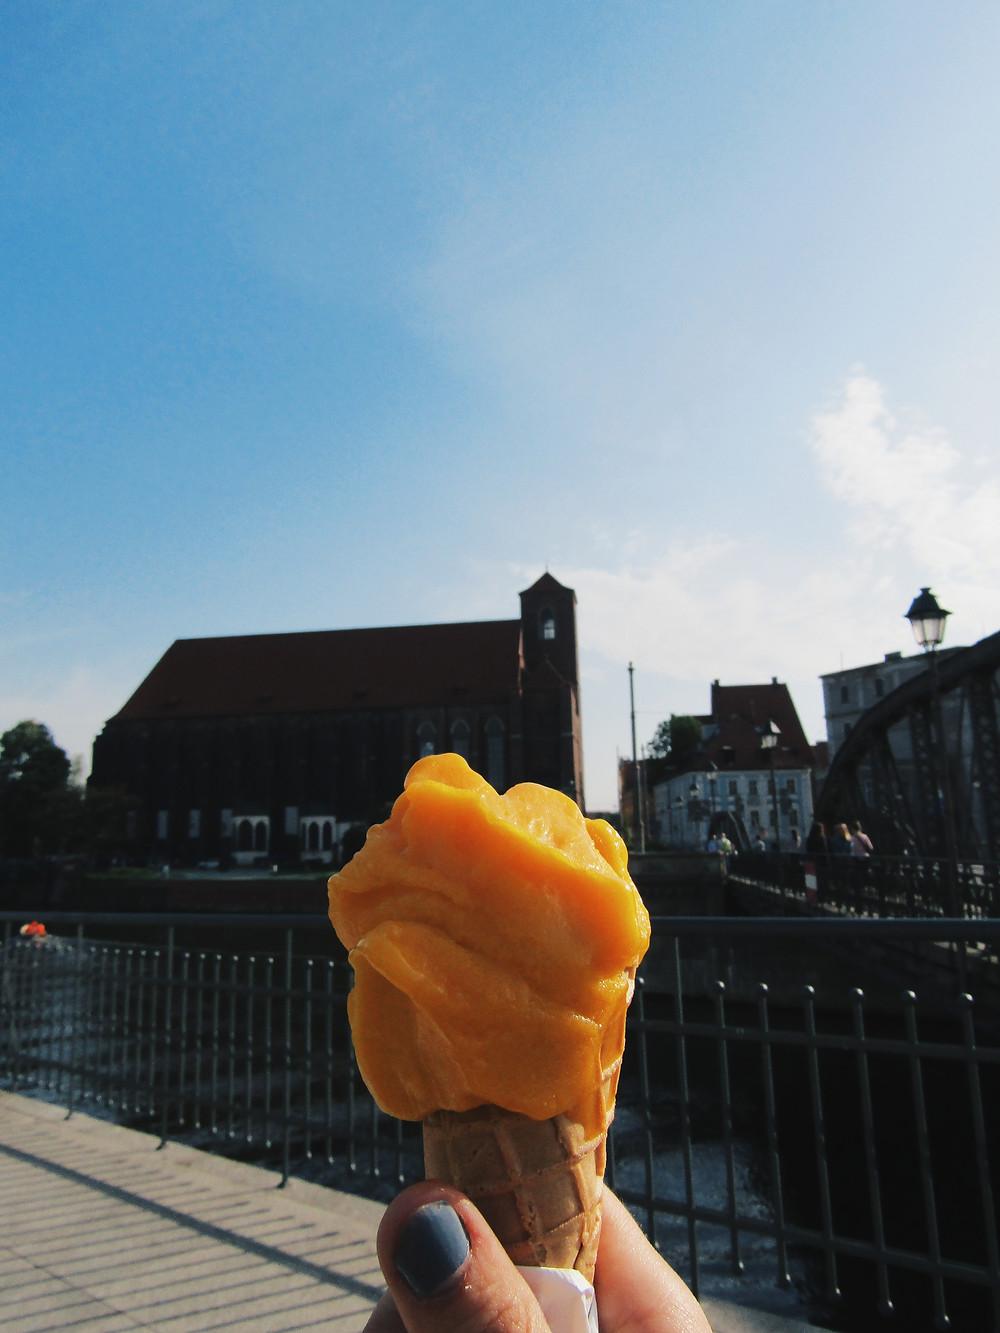 Ice cream in Elblag